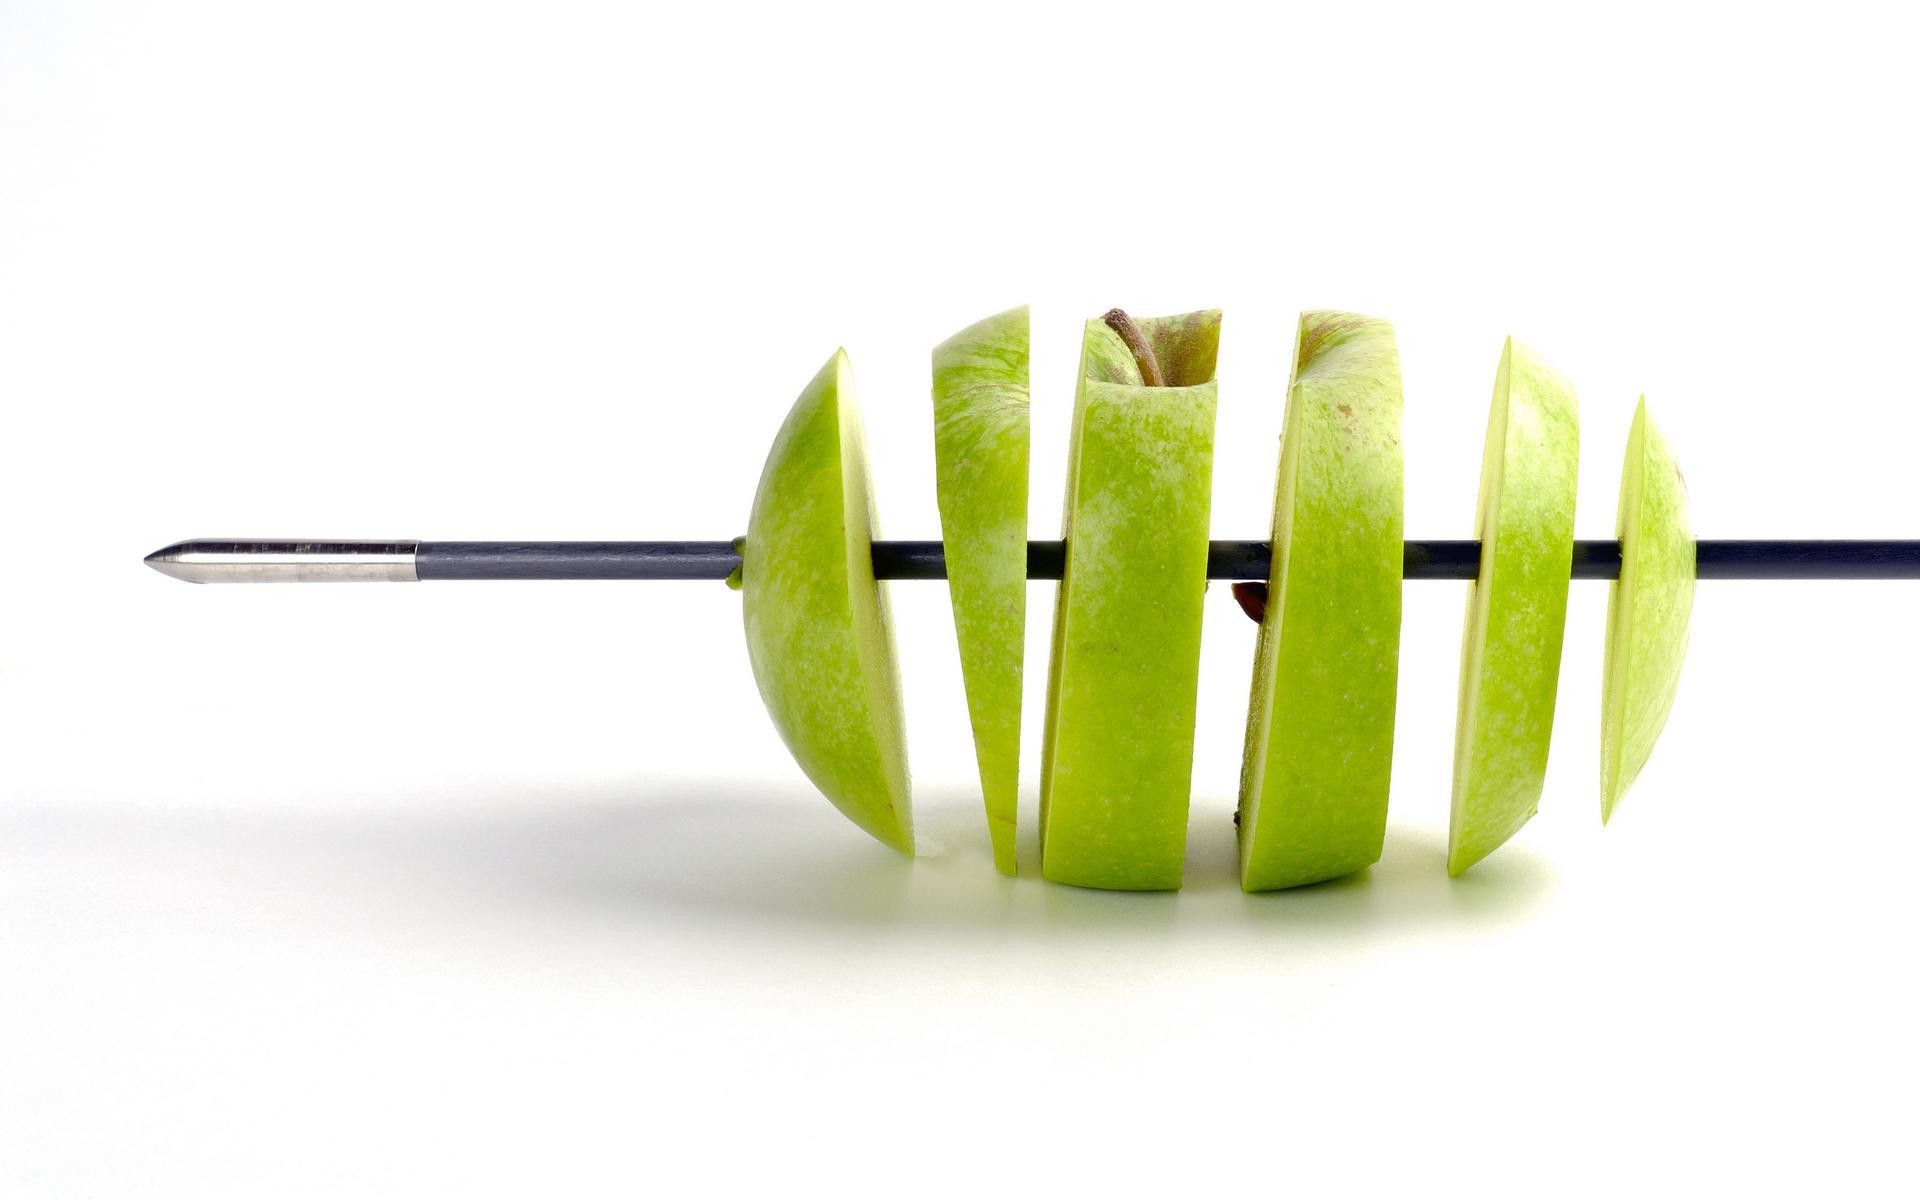 разрезанное зеленое яблоко, обои, скачать